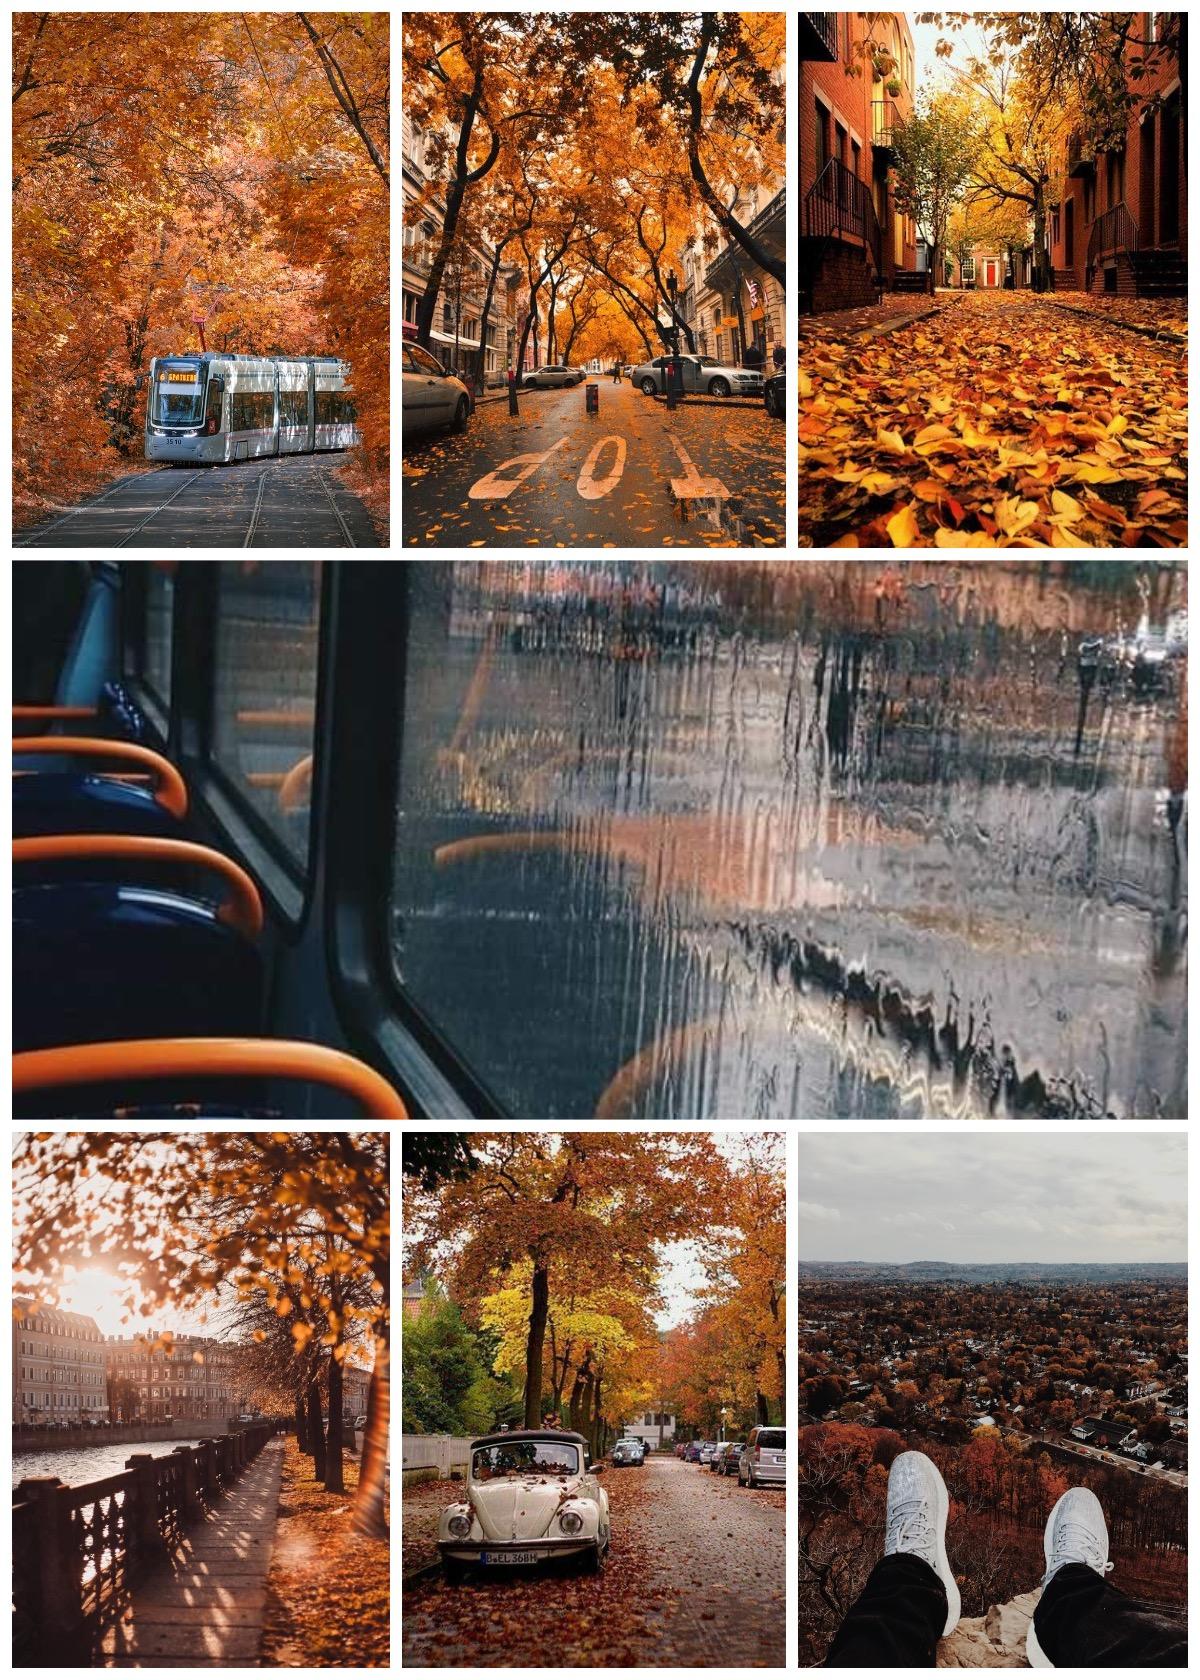 Сентябрь в городе фотосессия